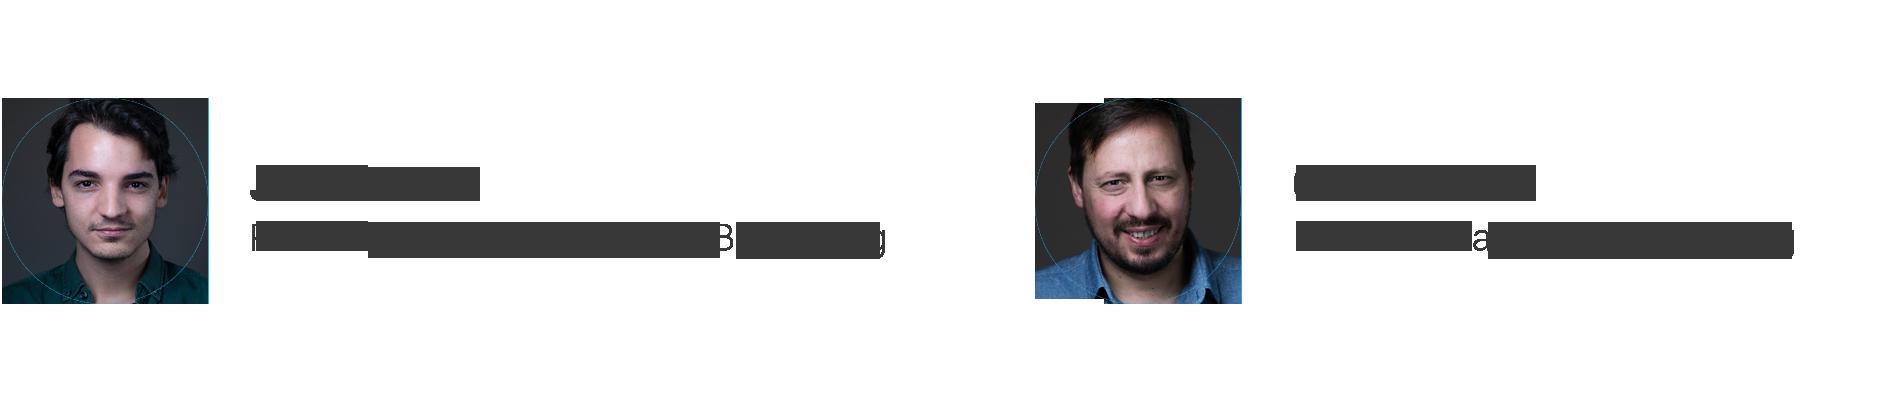 Webinar BindTuning Theme Settings Panel